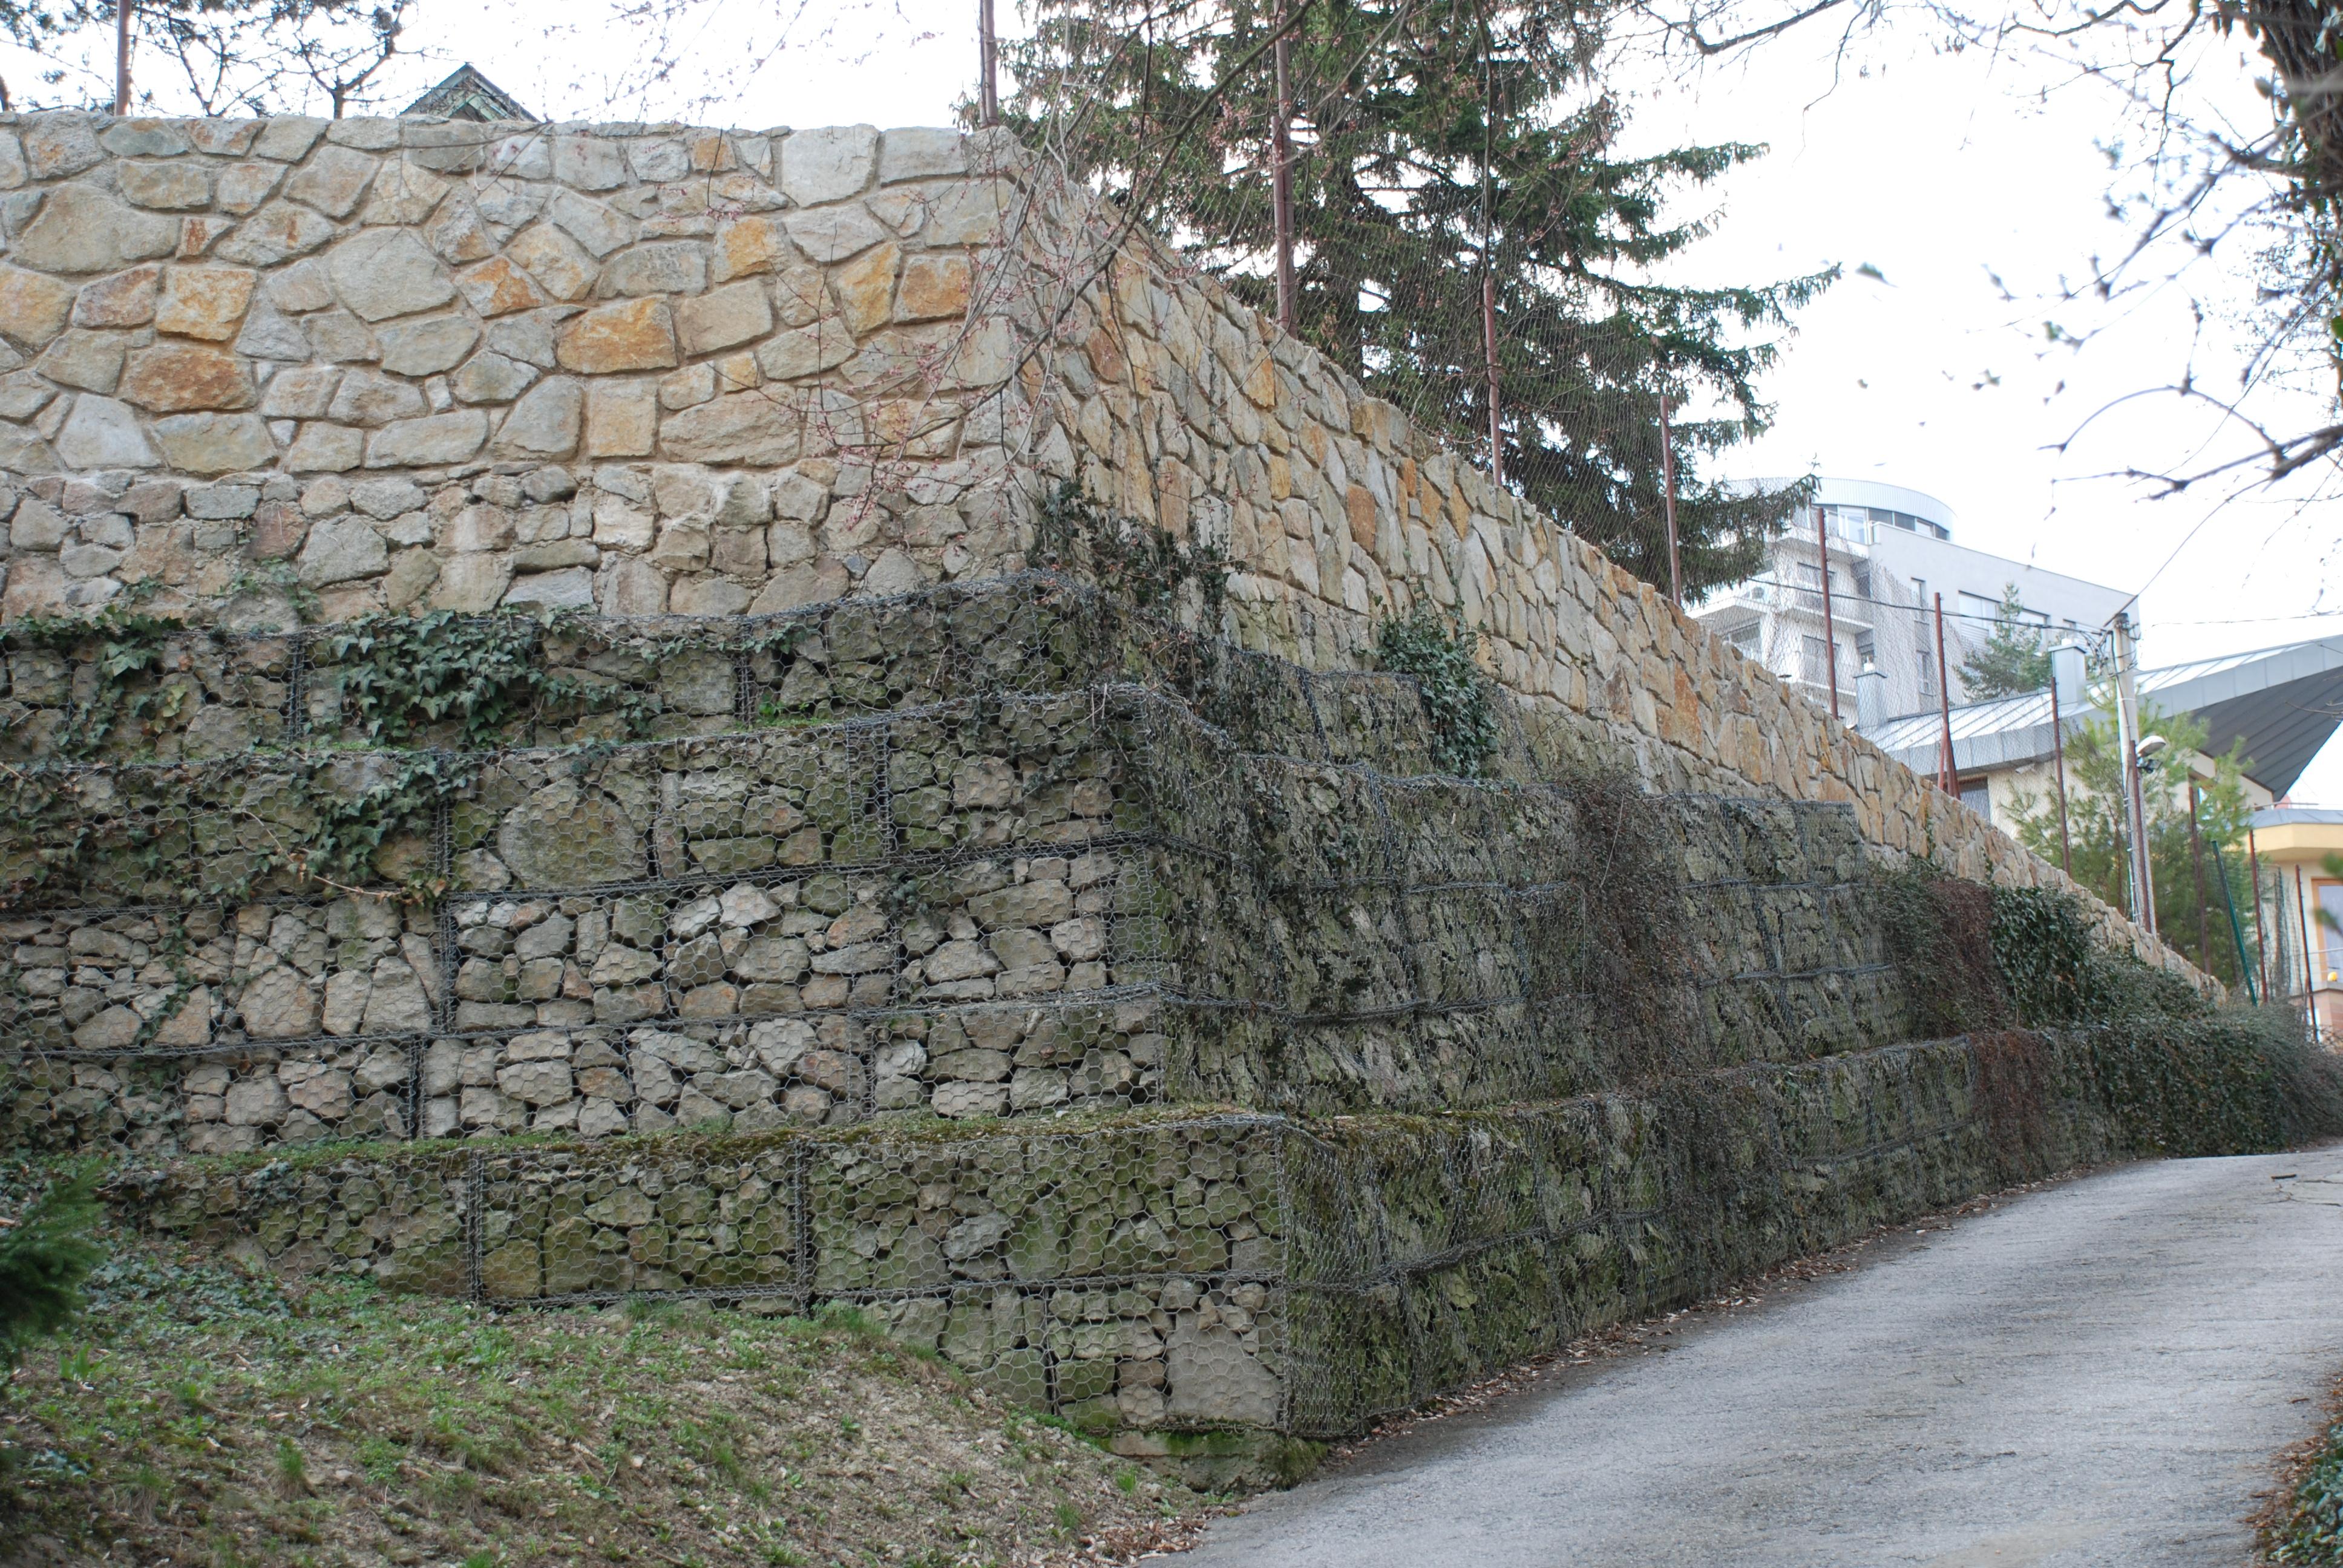 Bratislava Jurigrad (1 až 3 m vysoký oporný múr na vyrovnanie svahovitého pozemku po 20-tich rokoch)